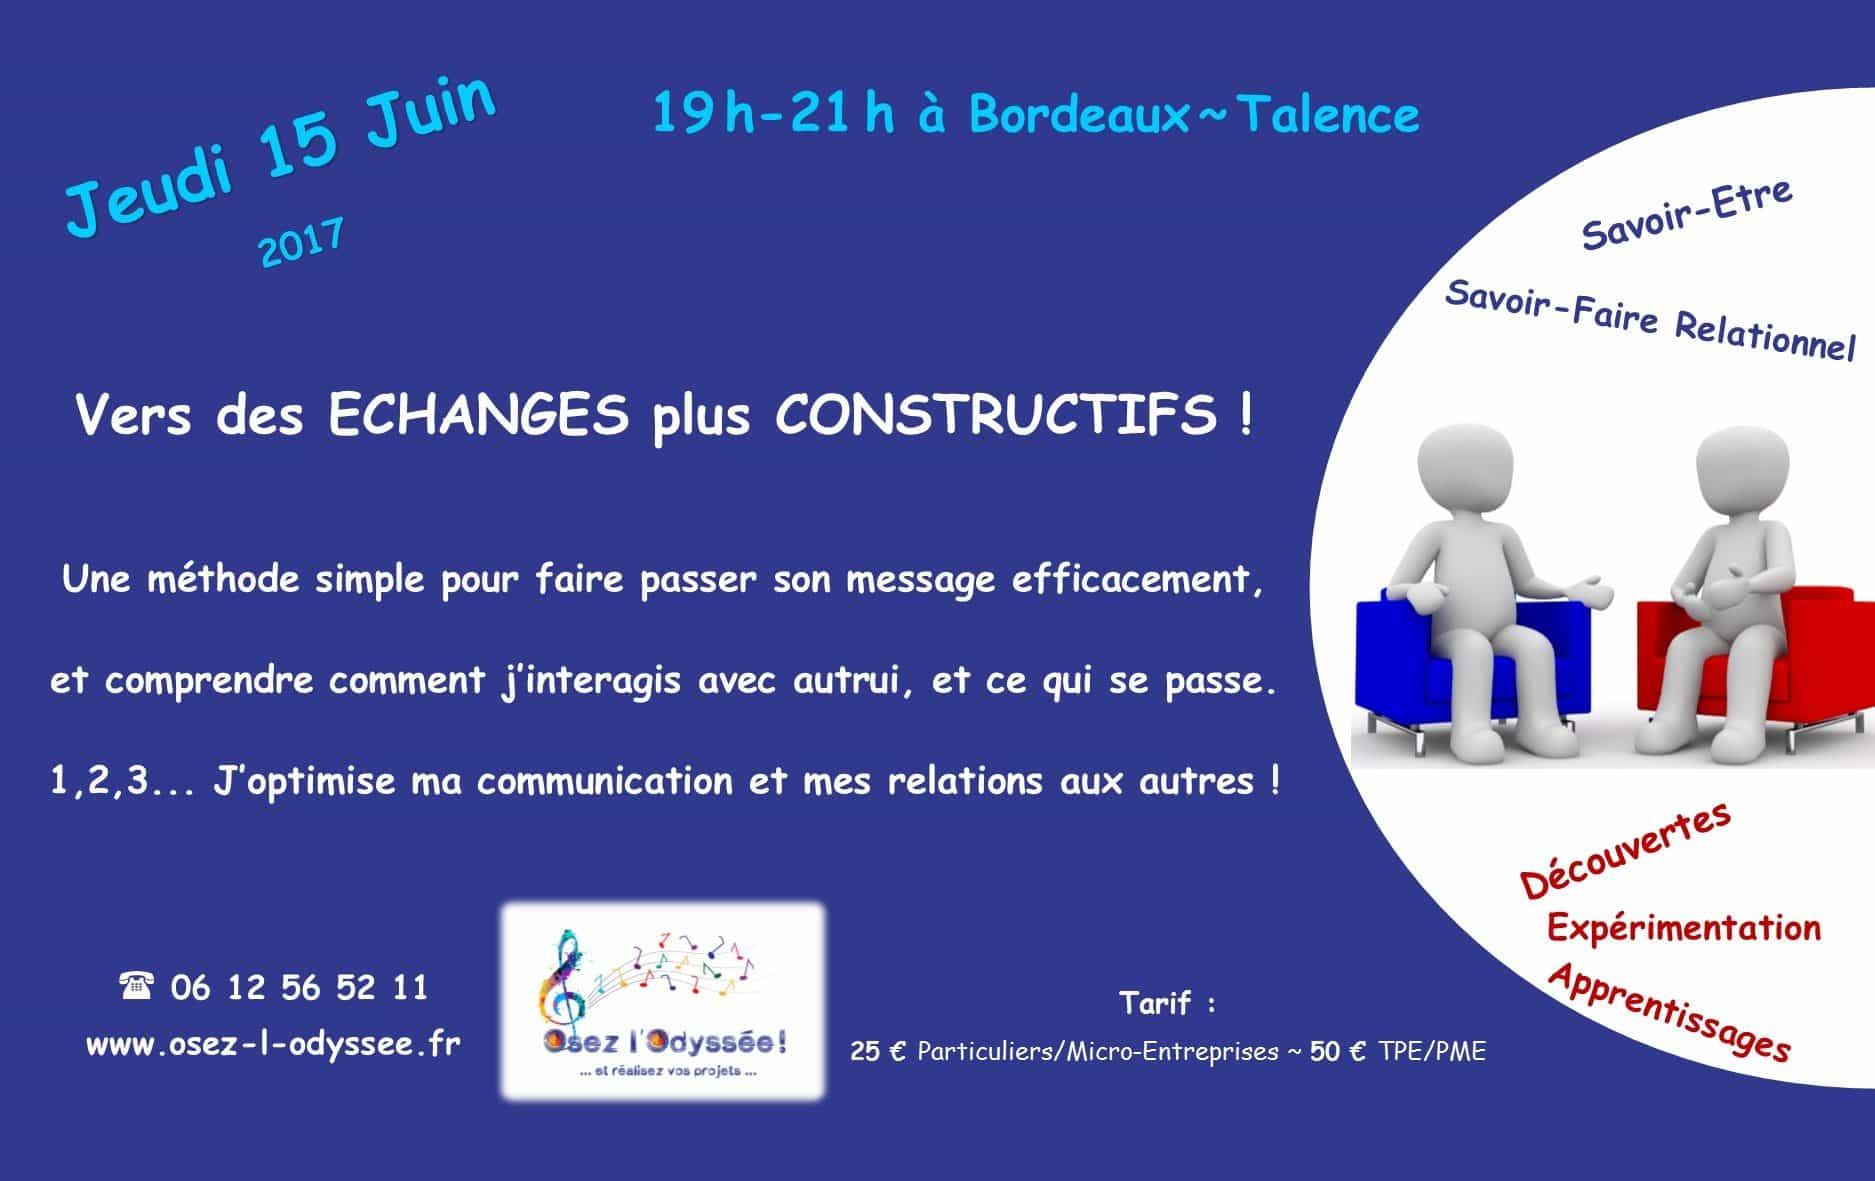 Atelier Coaching à Bordeaux 2017 Osez l'Odyssee Echanges constructifs